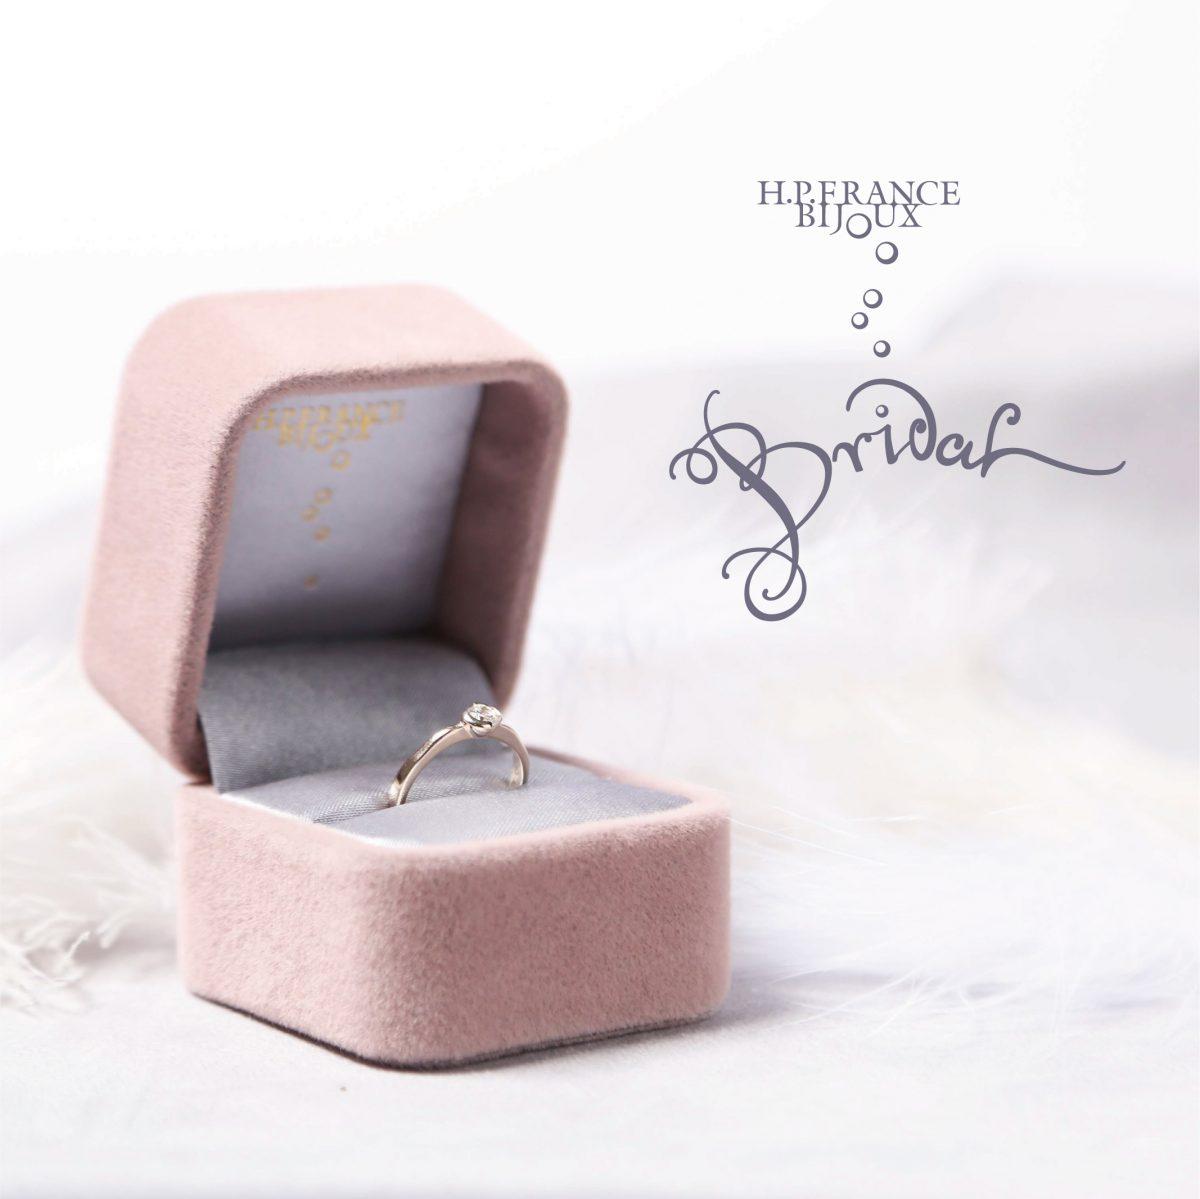 CORINNE HAMAK コリーヌハマック HPFRANCEBIJOUXBRIDAL ブライダル マリッジ エンゲージ 結婚指輪 婚約指輪